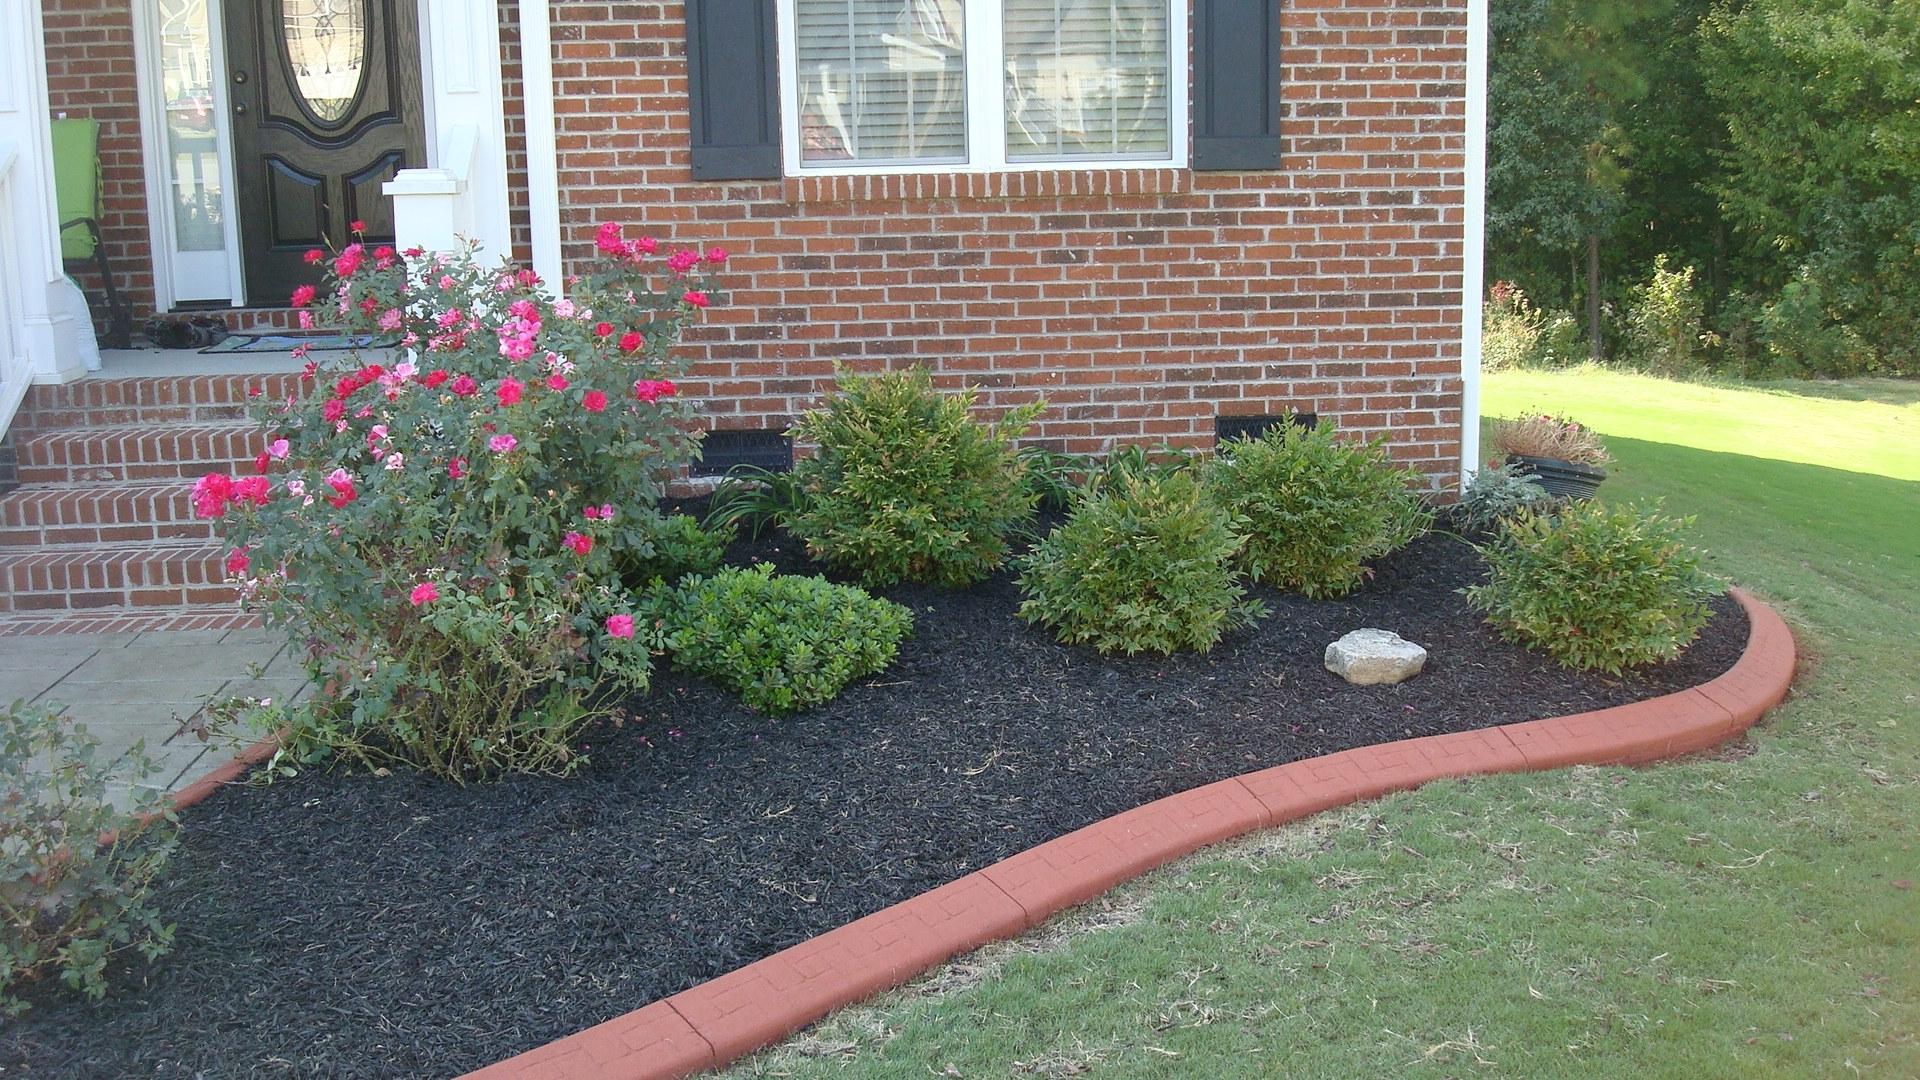 garden edging design ideas photo - 8